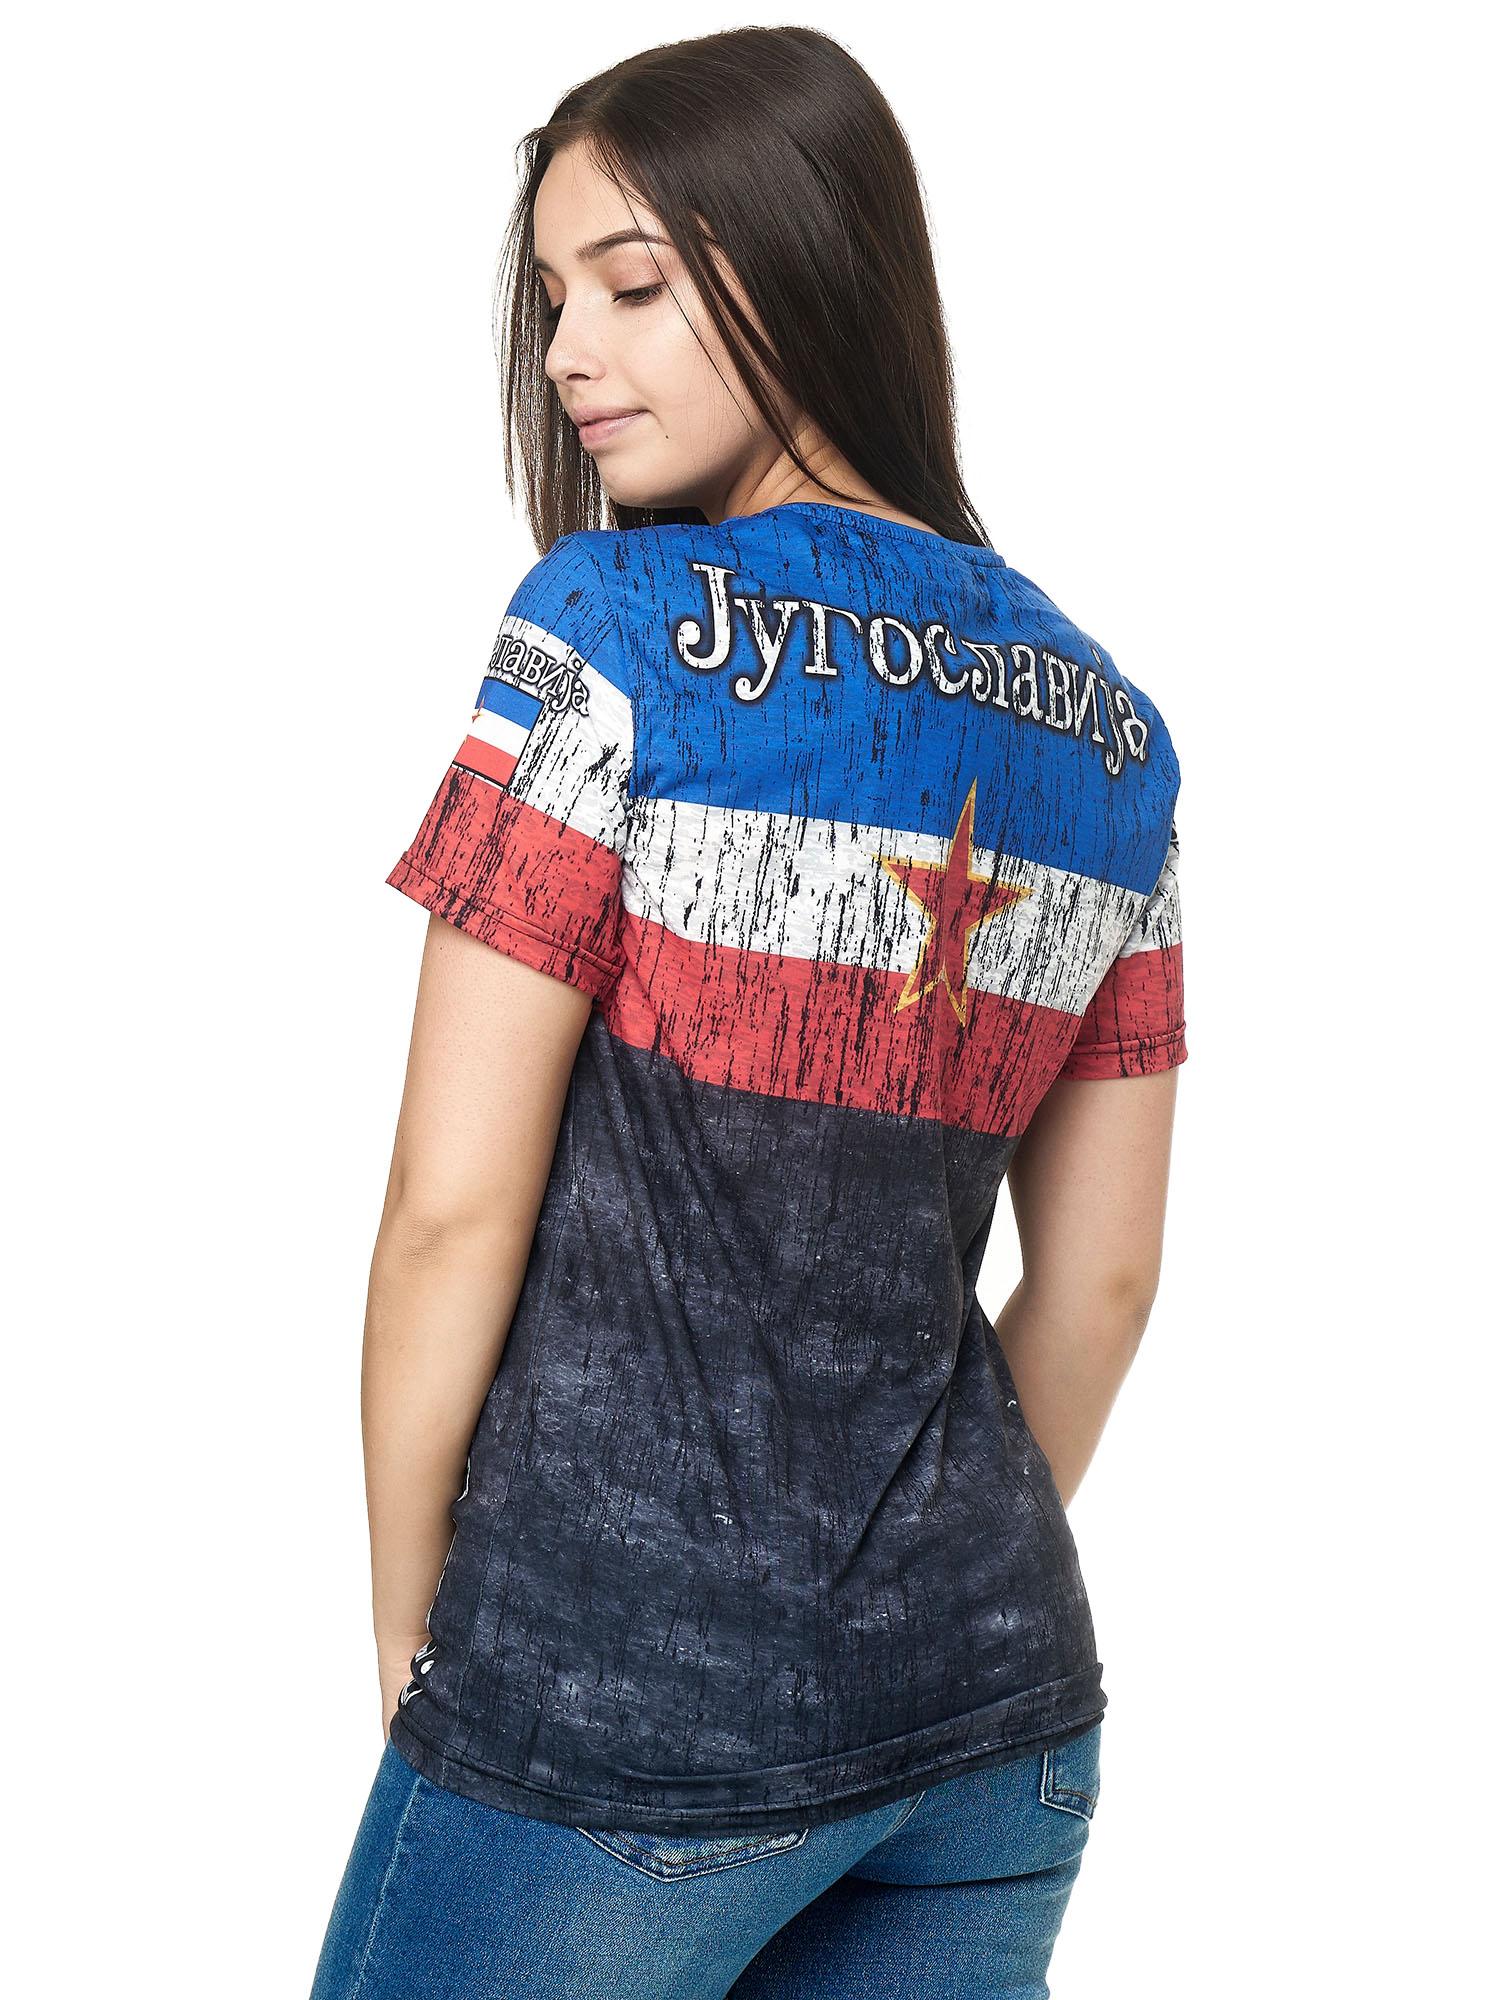 Paesi-da-Donna-T-shirt-A-Maniche-Corte-Girocollo-donne-CALCIO-Fanshirt-John-Kayna miniatura 74